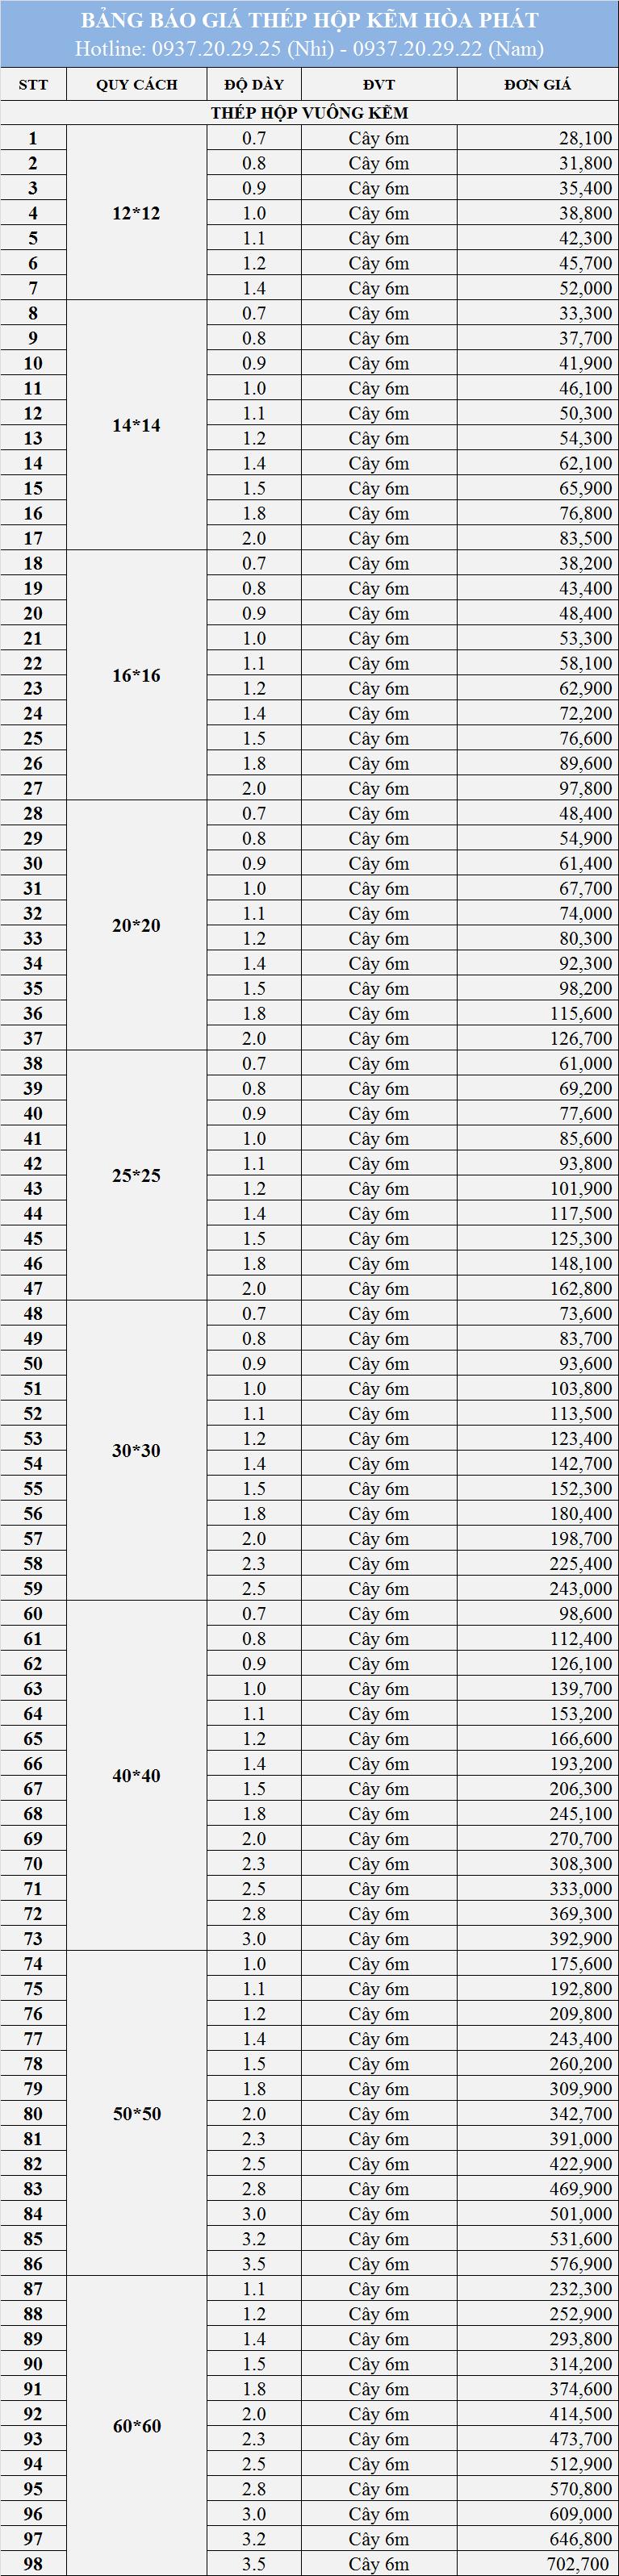 Giá thép hộp mạ kẽm Hòa Phát